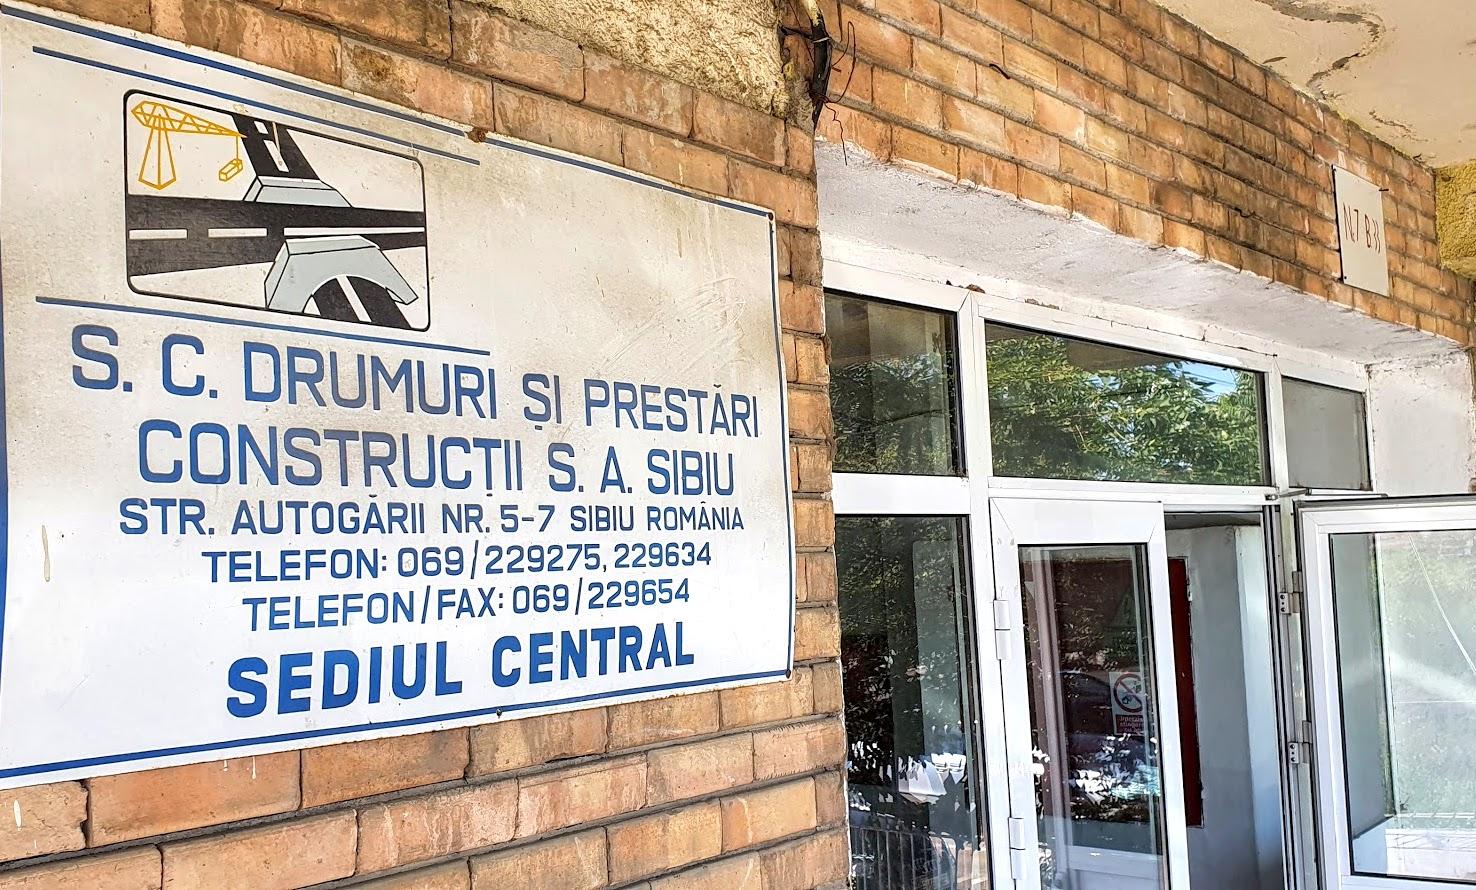 Ultima speranță, scoasă la vânzare: cine vrea să cumpere stația de asfalt a Sibiului?